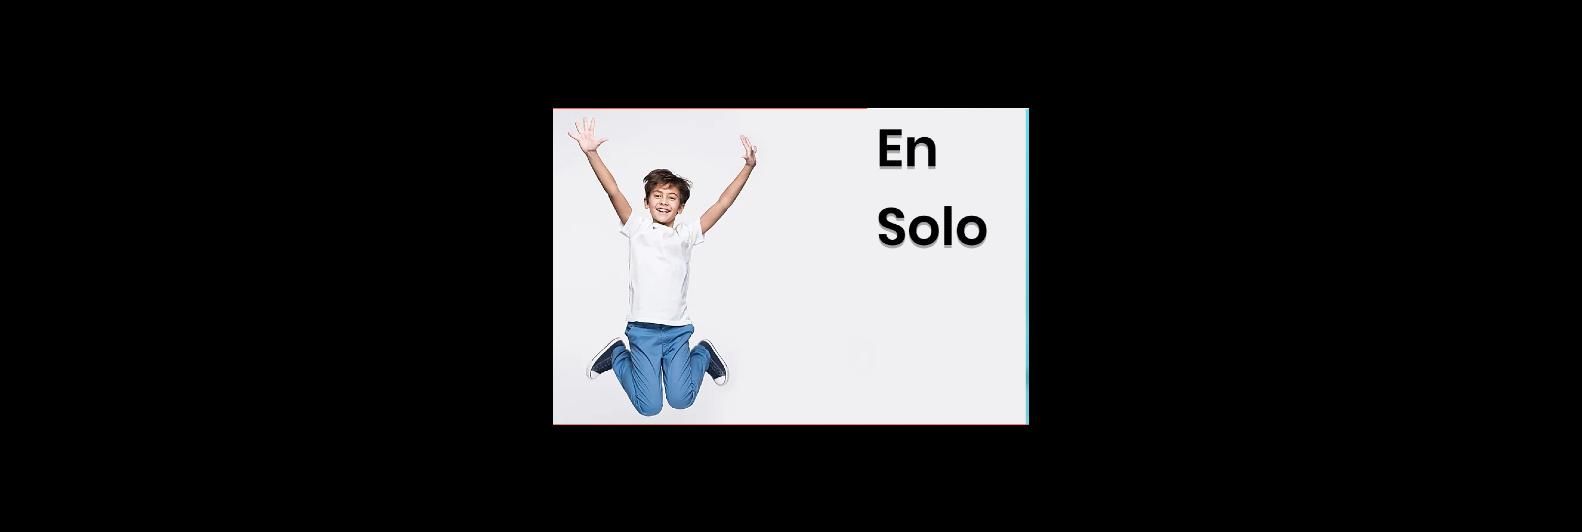 English 3.0 SOLO